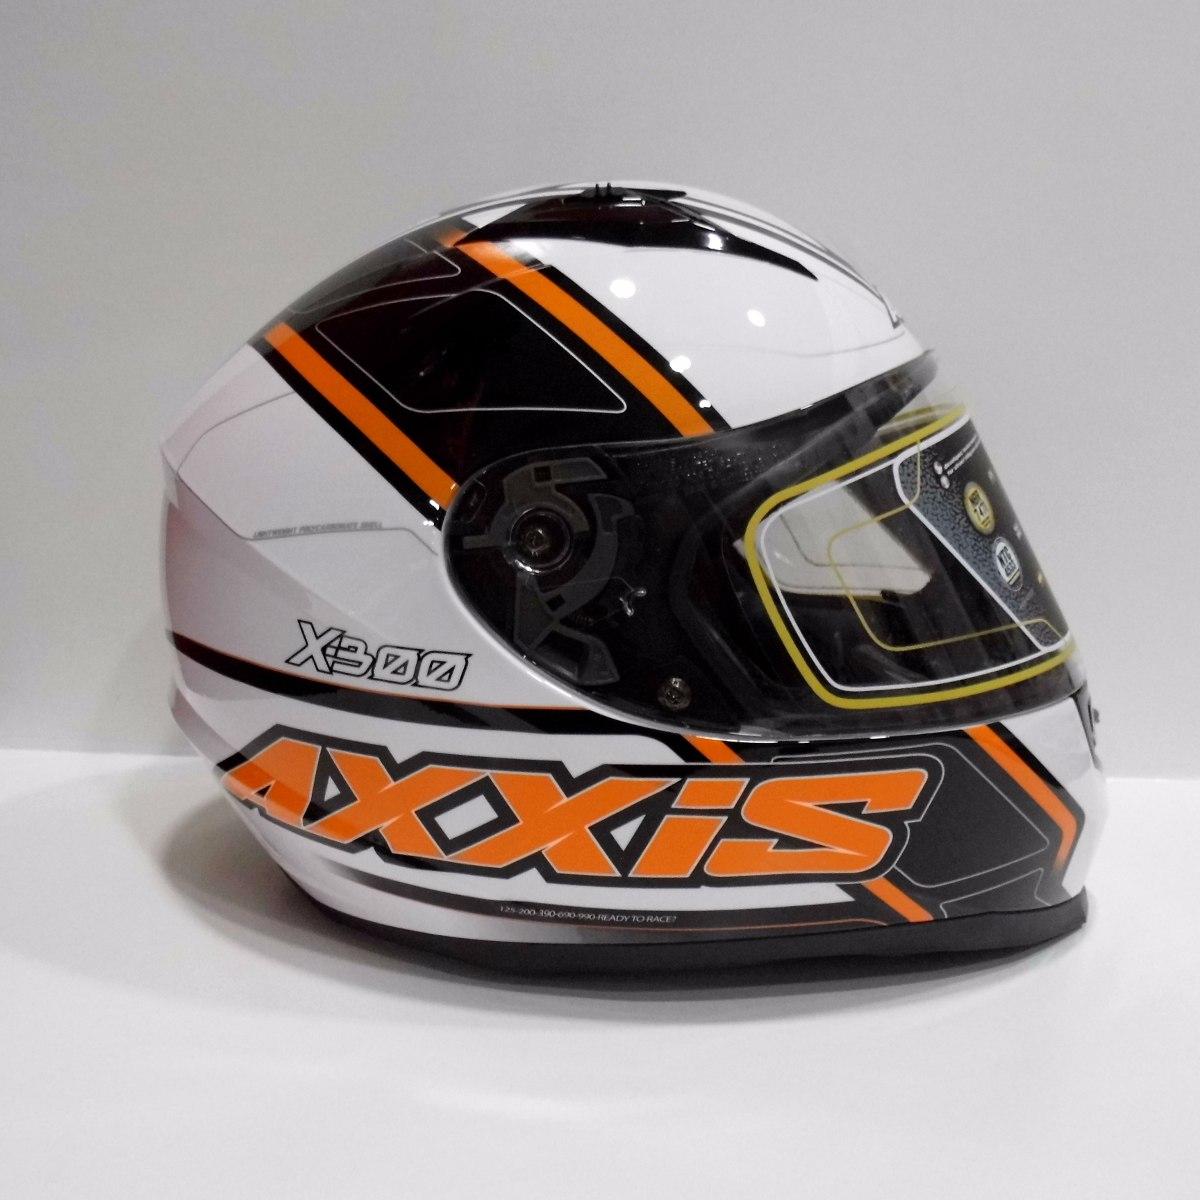 ab7a2cf257b7b Casco Moto Axxis X-300 Duke Blanco Integral Deportivo. -   62.900 en  Mercado Libre